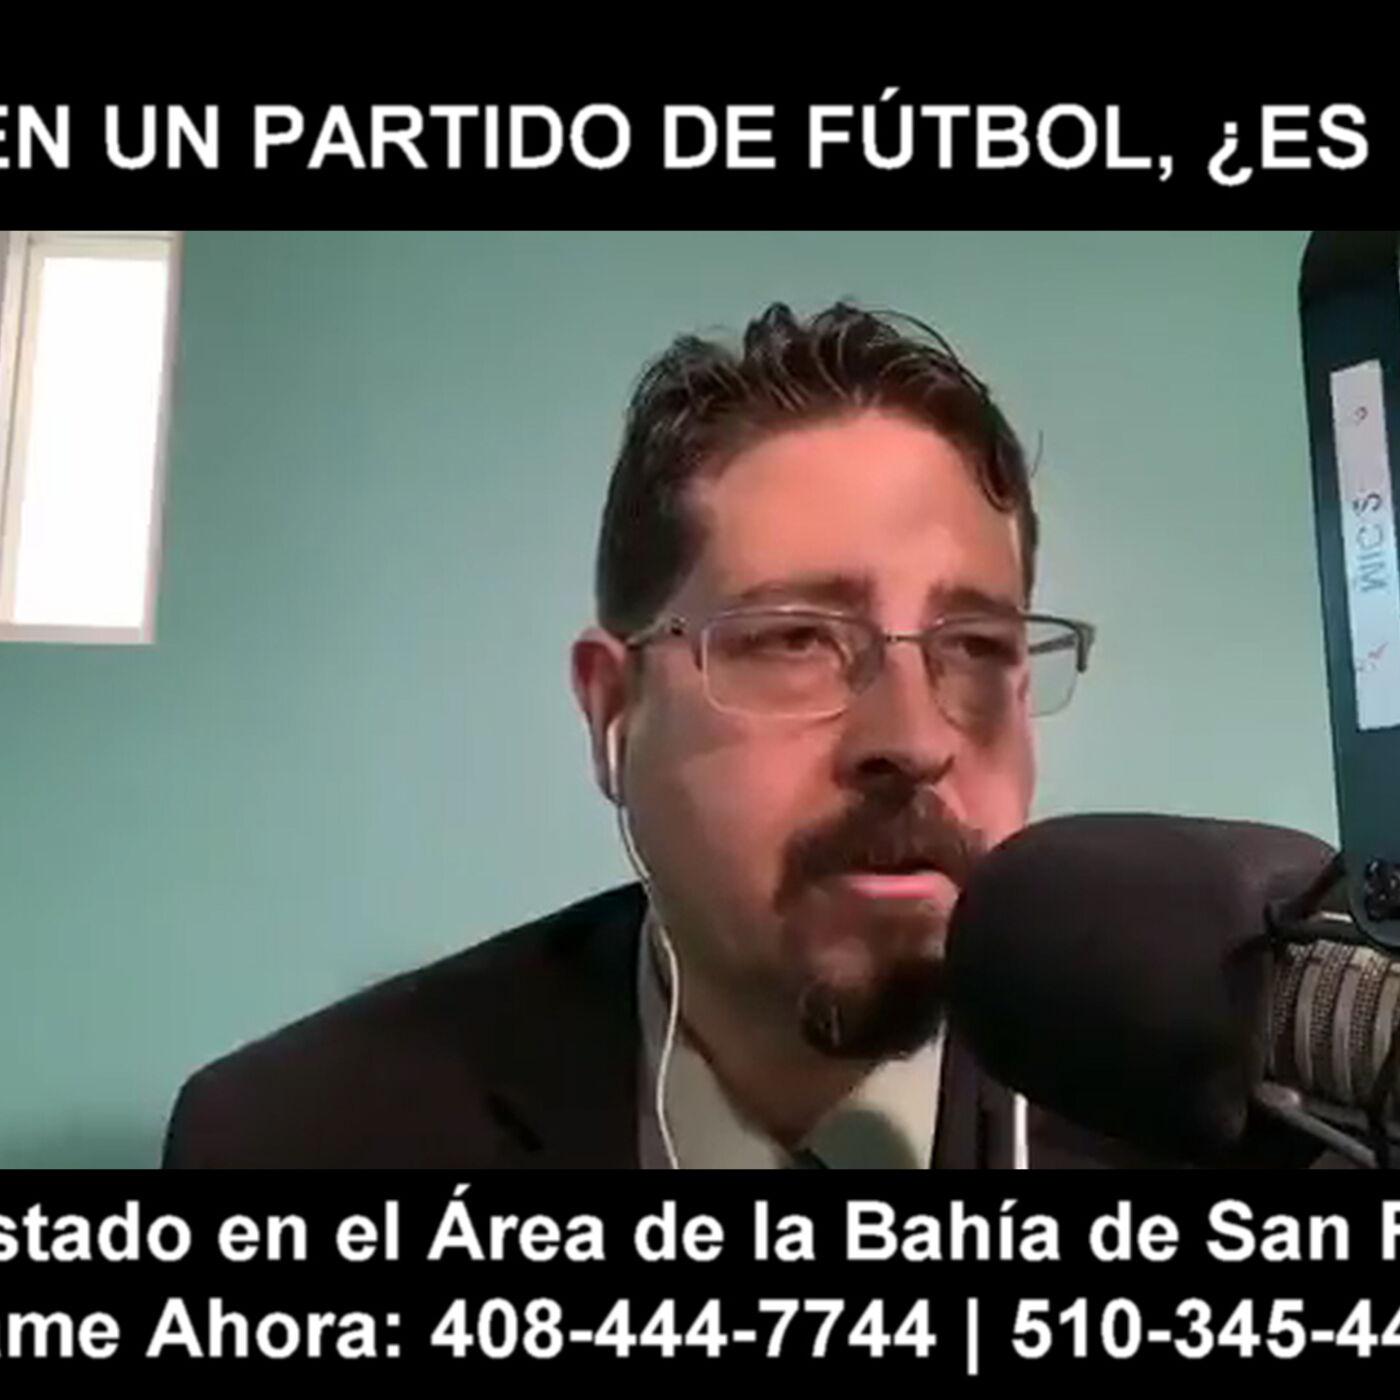 Pelea en un partido de fútbol, ¿es ilegal?